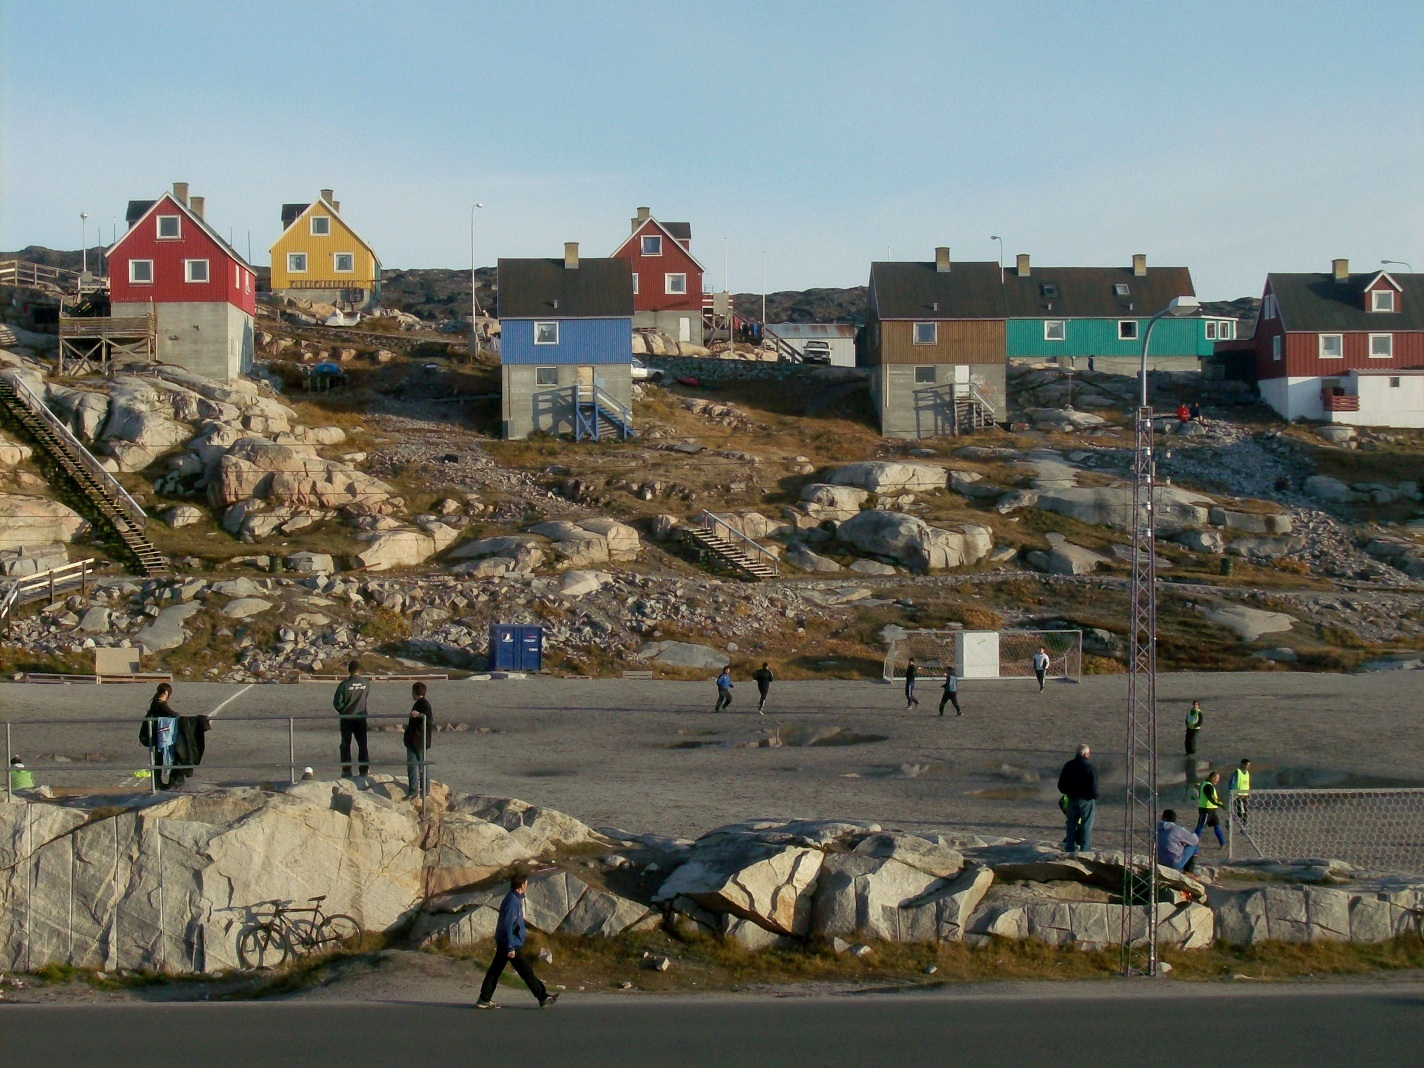 El fútbol en Groenlandia: la liga, la selección y futbolistas importantes